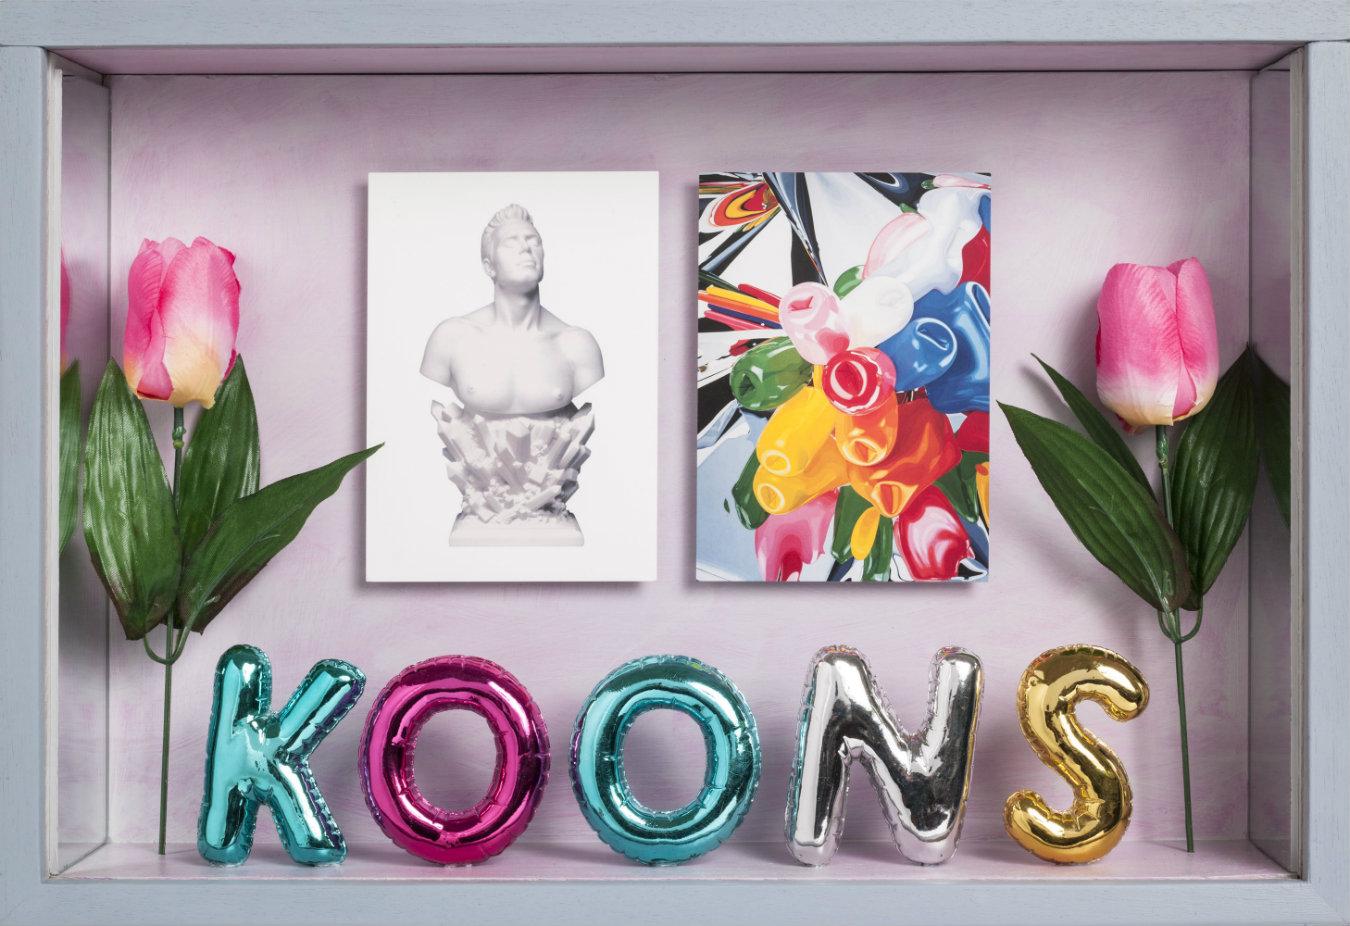 Elsa Zambrano. Jeff Koons, montaje, 31 x 45.5 x 10 cm. 2014. Fotografía: cortesía, Beatriz Esguerra Art.